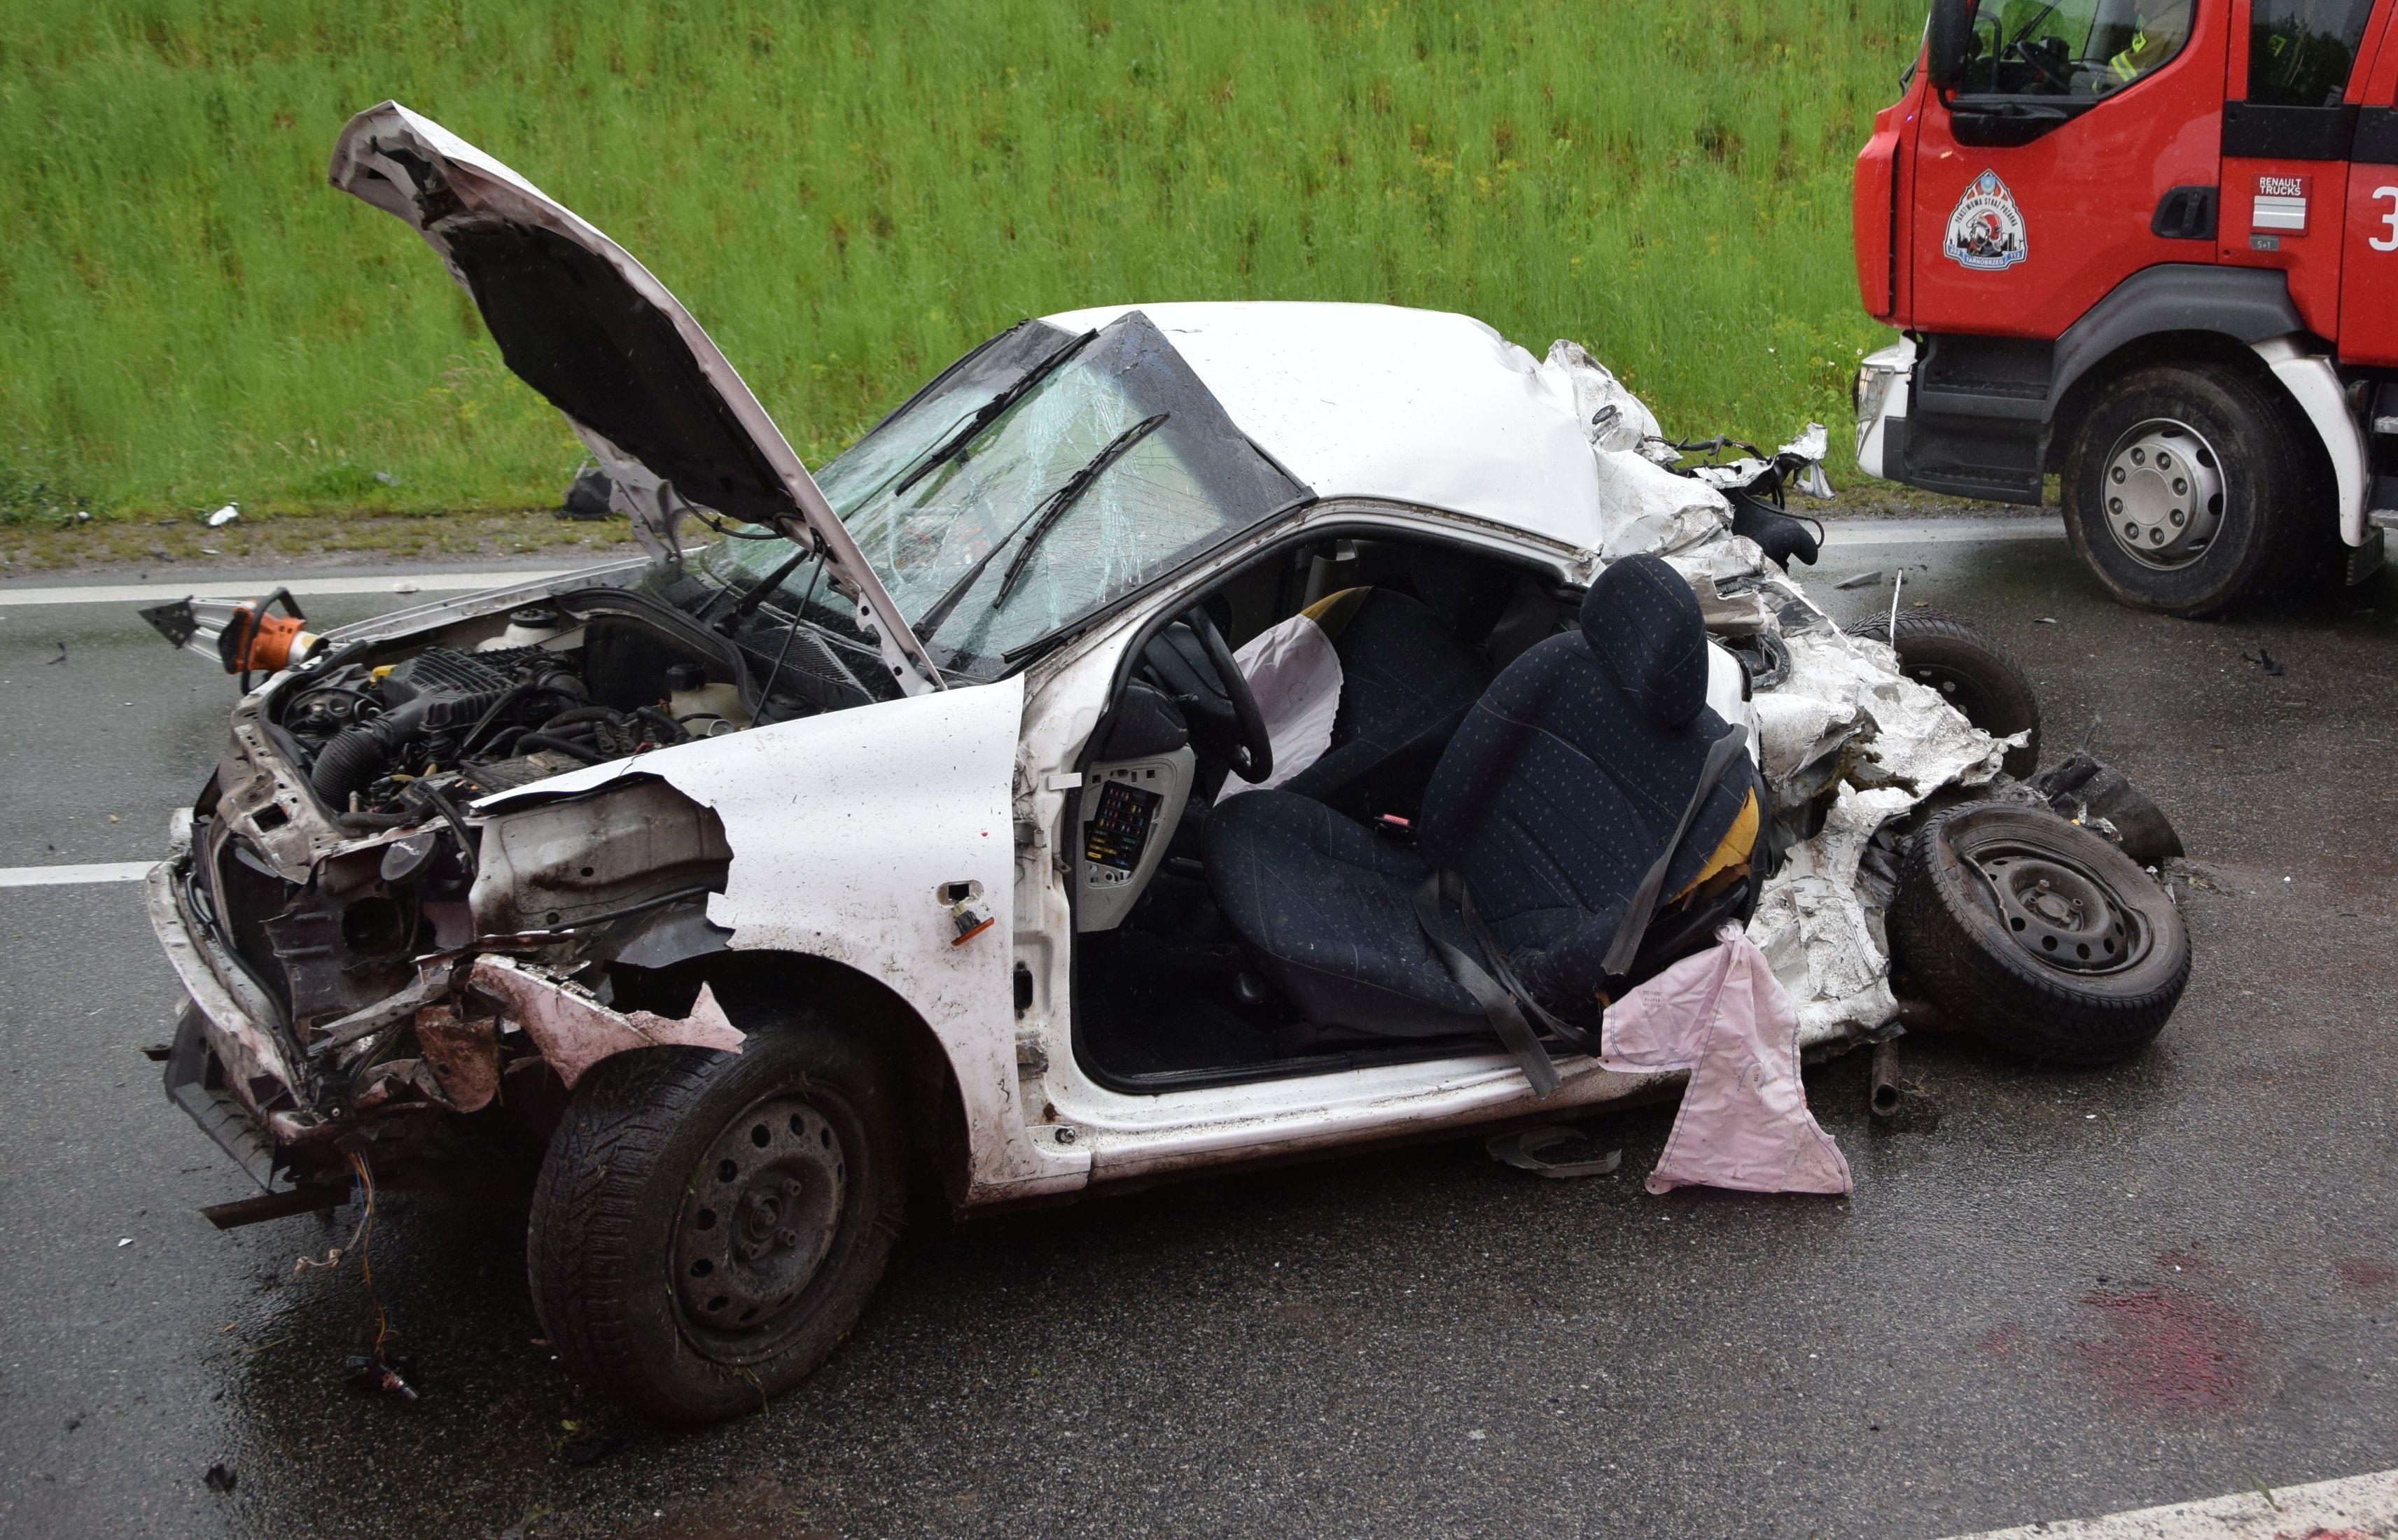 Tragedia na drodze Mielec - Tarnobrzeg. W wypadku zginęło malutkie dziecko. Droga zablokowana! - Zdjęcie główne